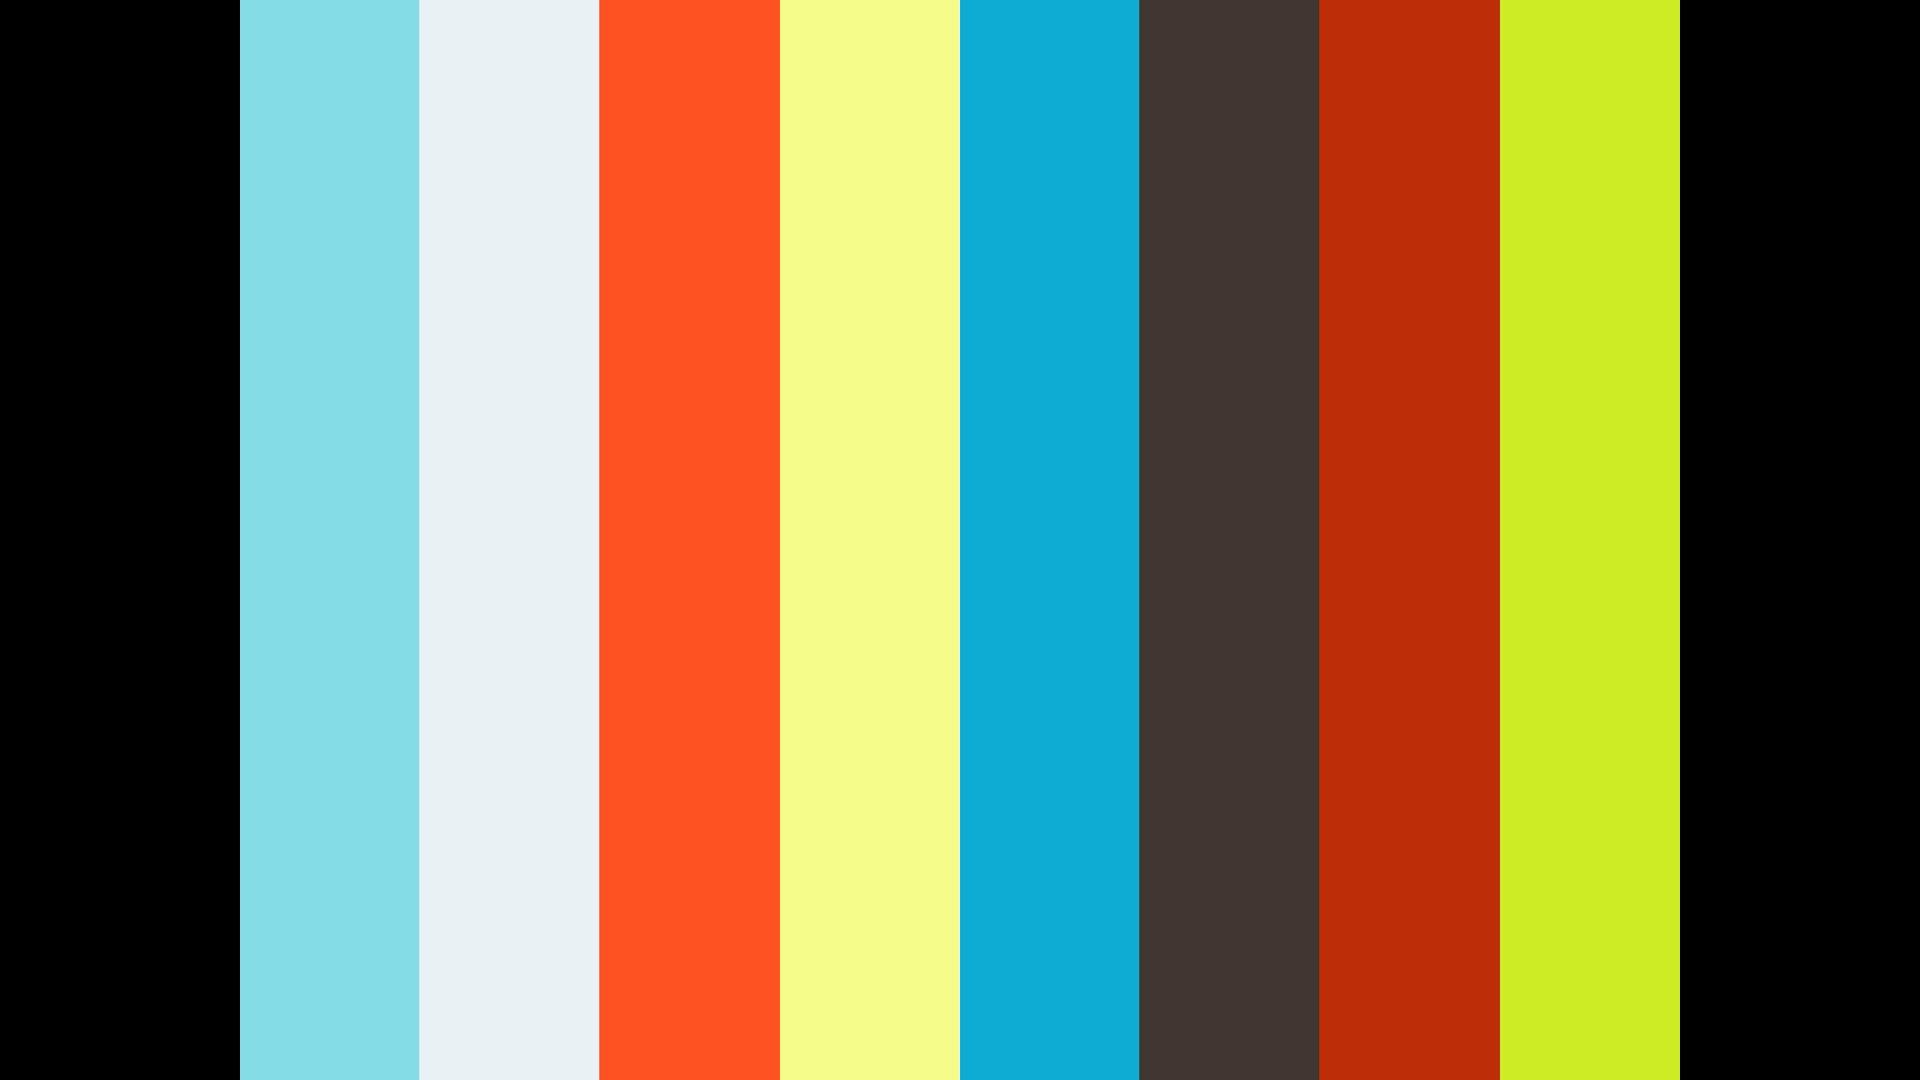 2020-09-20 Ile des pins - Caro Coco